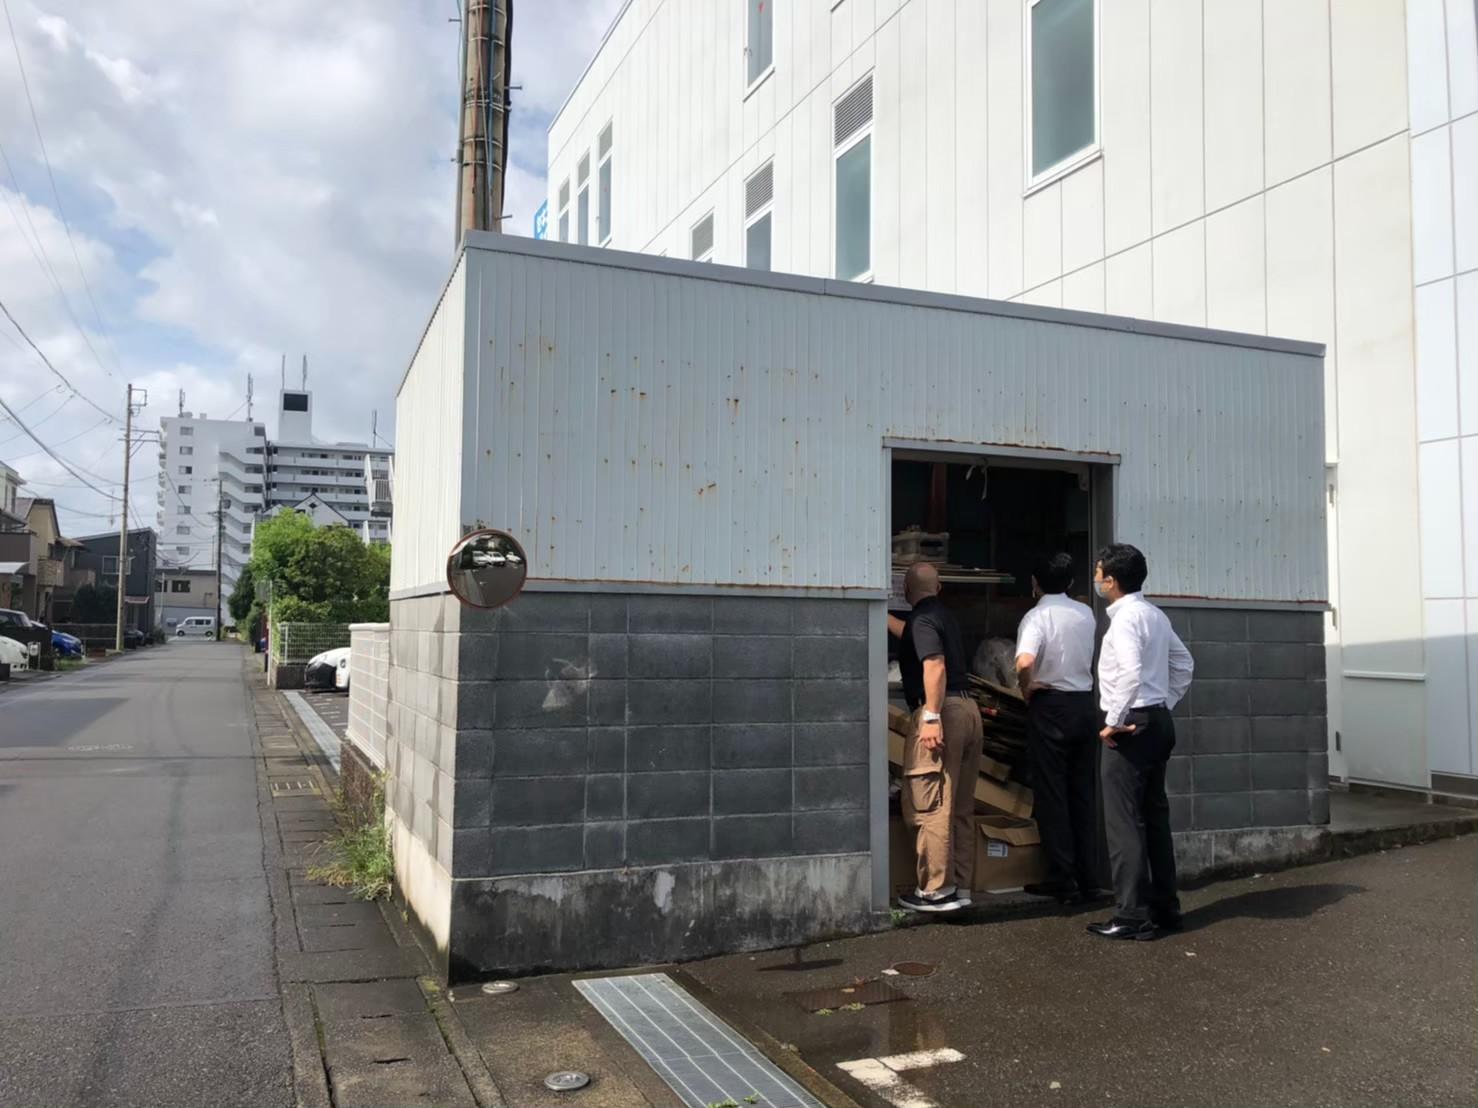 タカラスタンダード静岡ショールーム ダスト倉庫改築工事